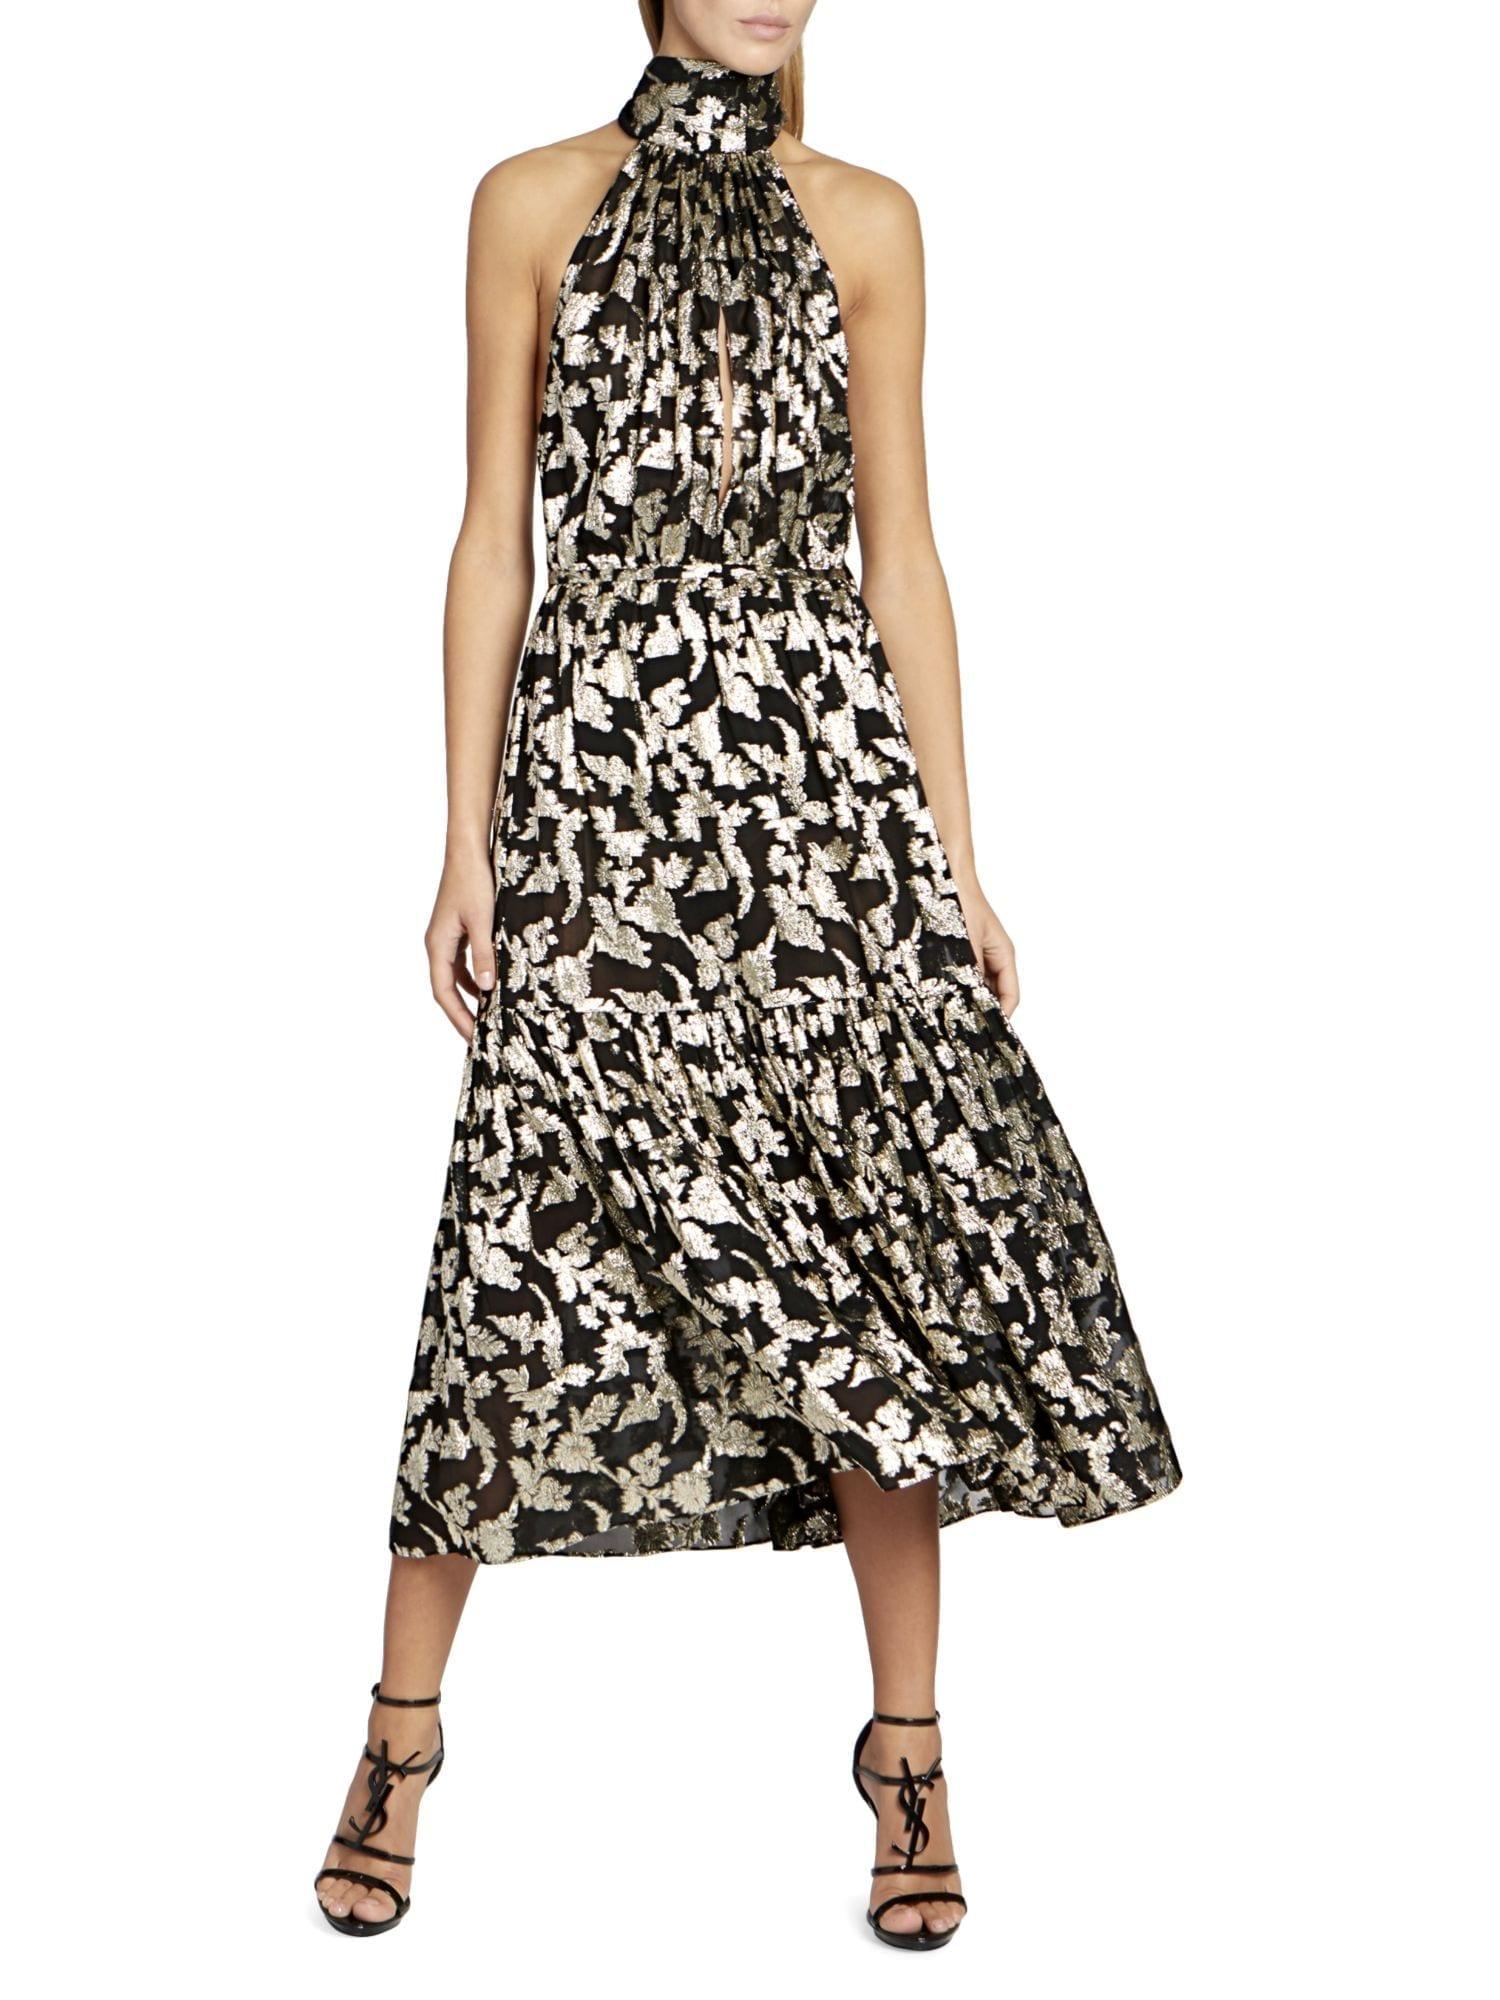 SAINT LAURENT Metallic Embroidered Halter Midi Dress